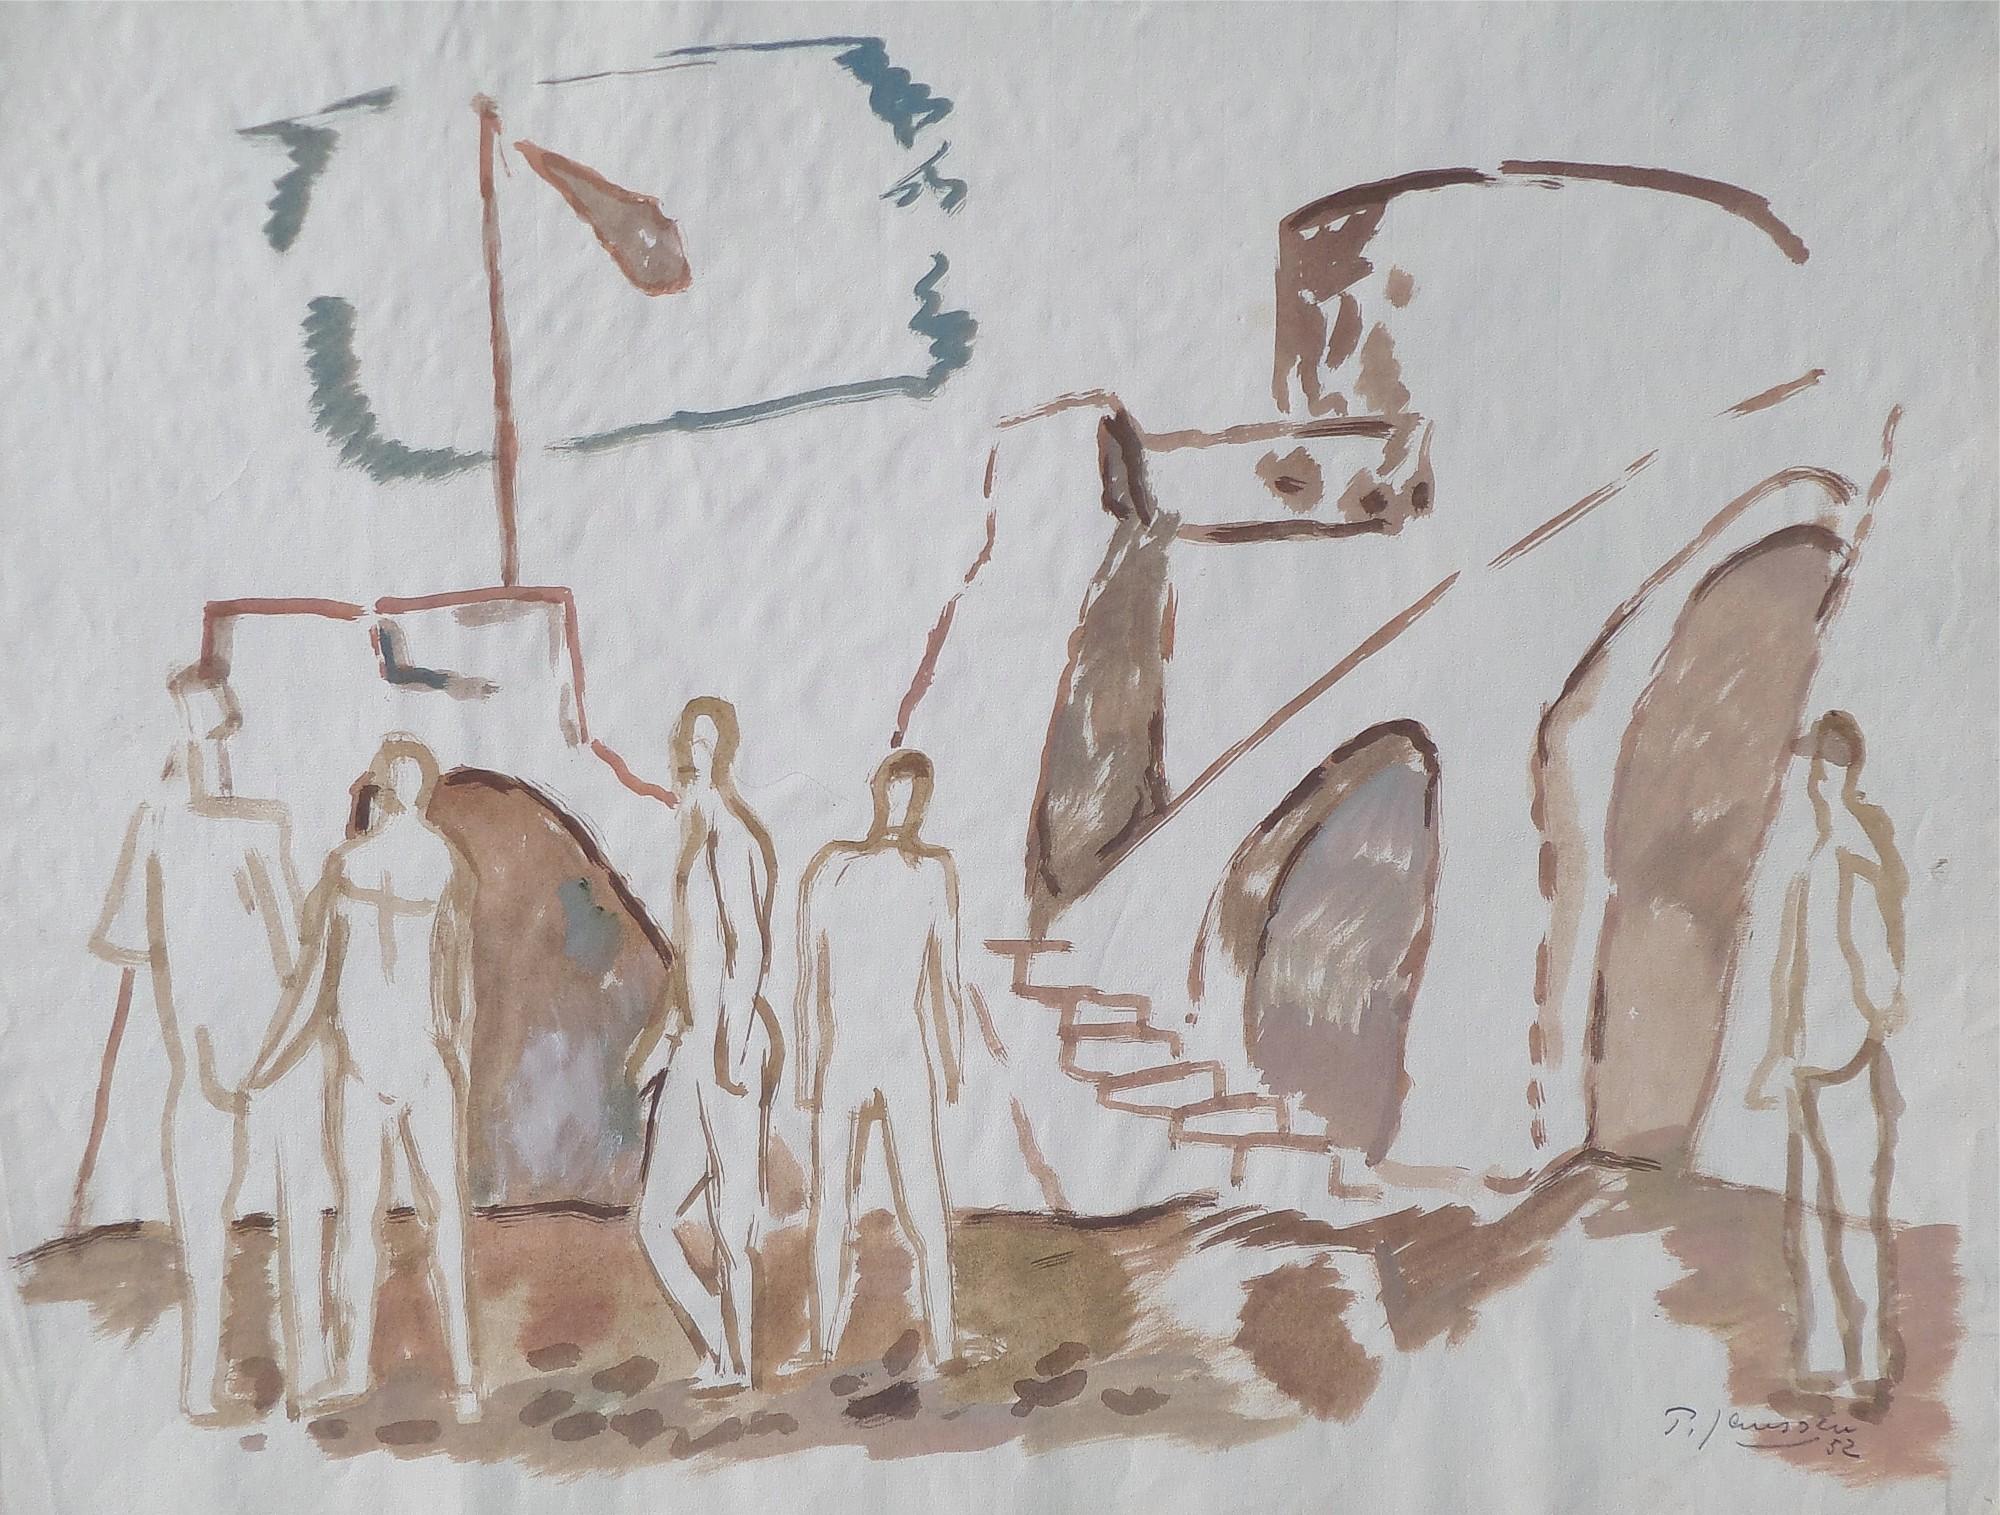 Figuren auf Dorfplatzl, Aquarell von Peter Janssen, für vergrößerte Ansicht bitte anklicken!